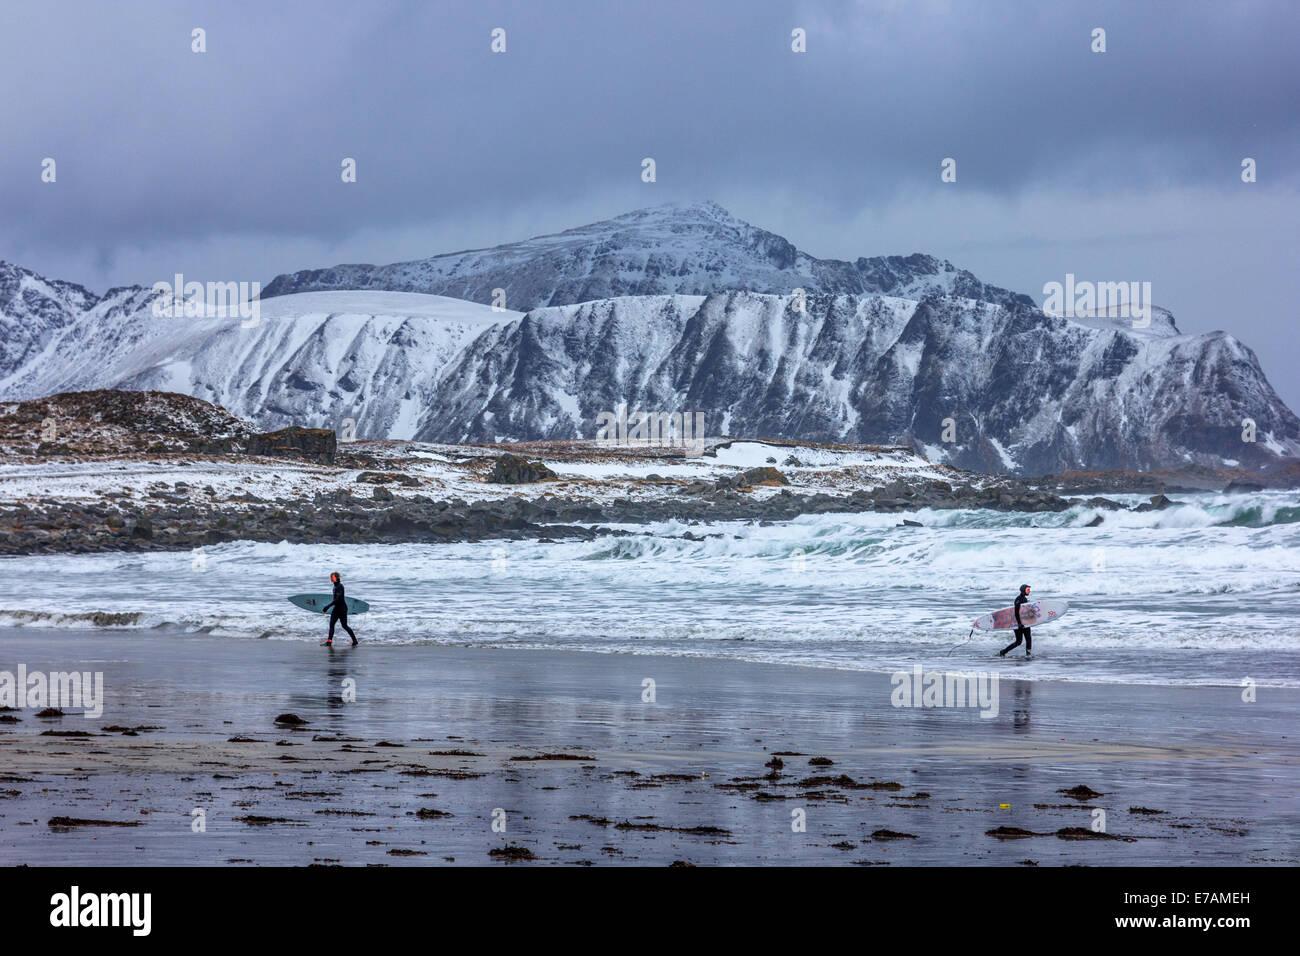 Los surfistas de invierno en las islas Lofoten Imagen De Stock